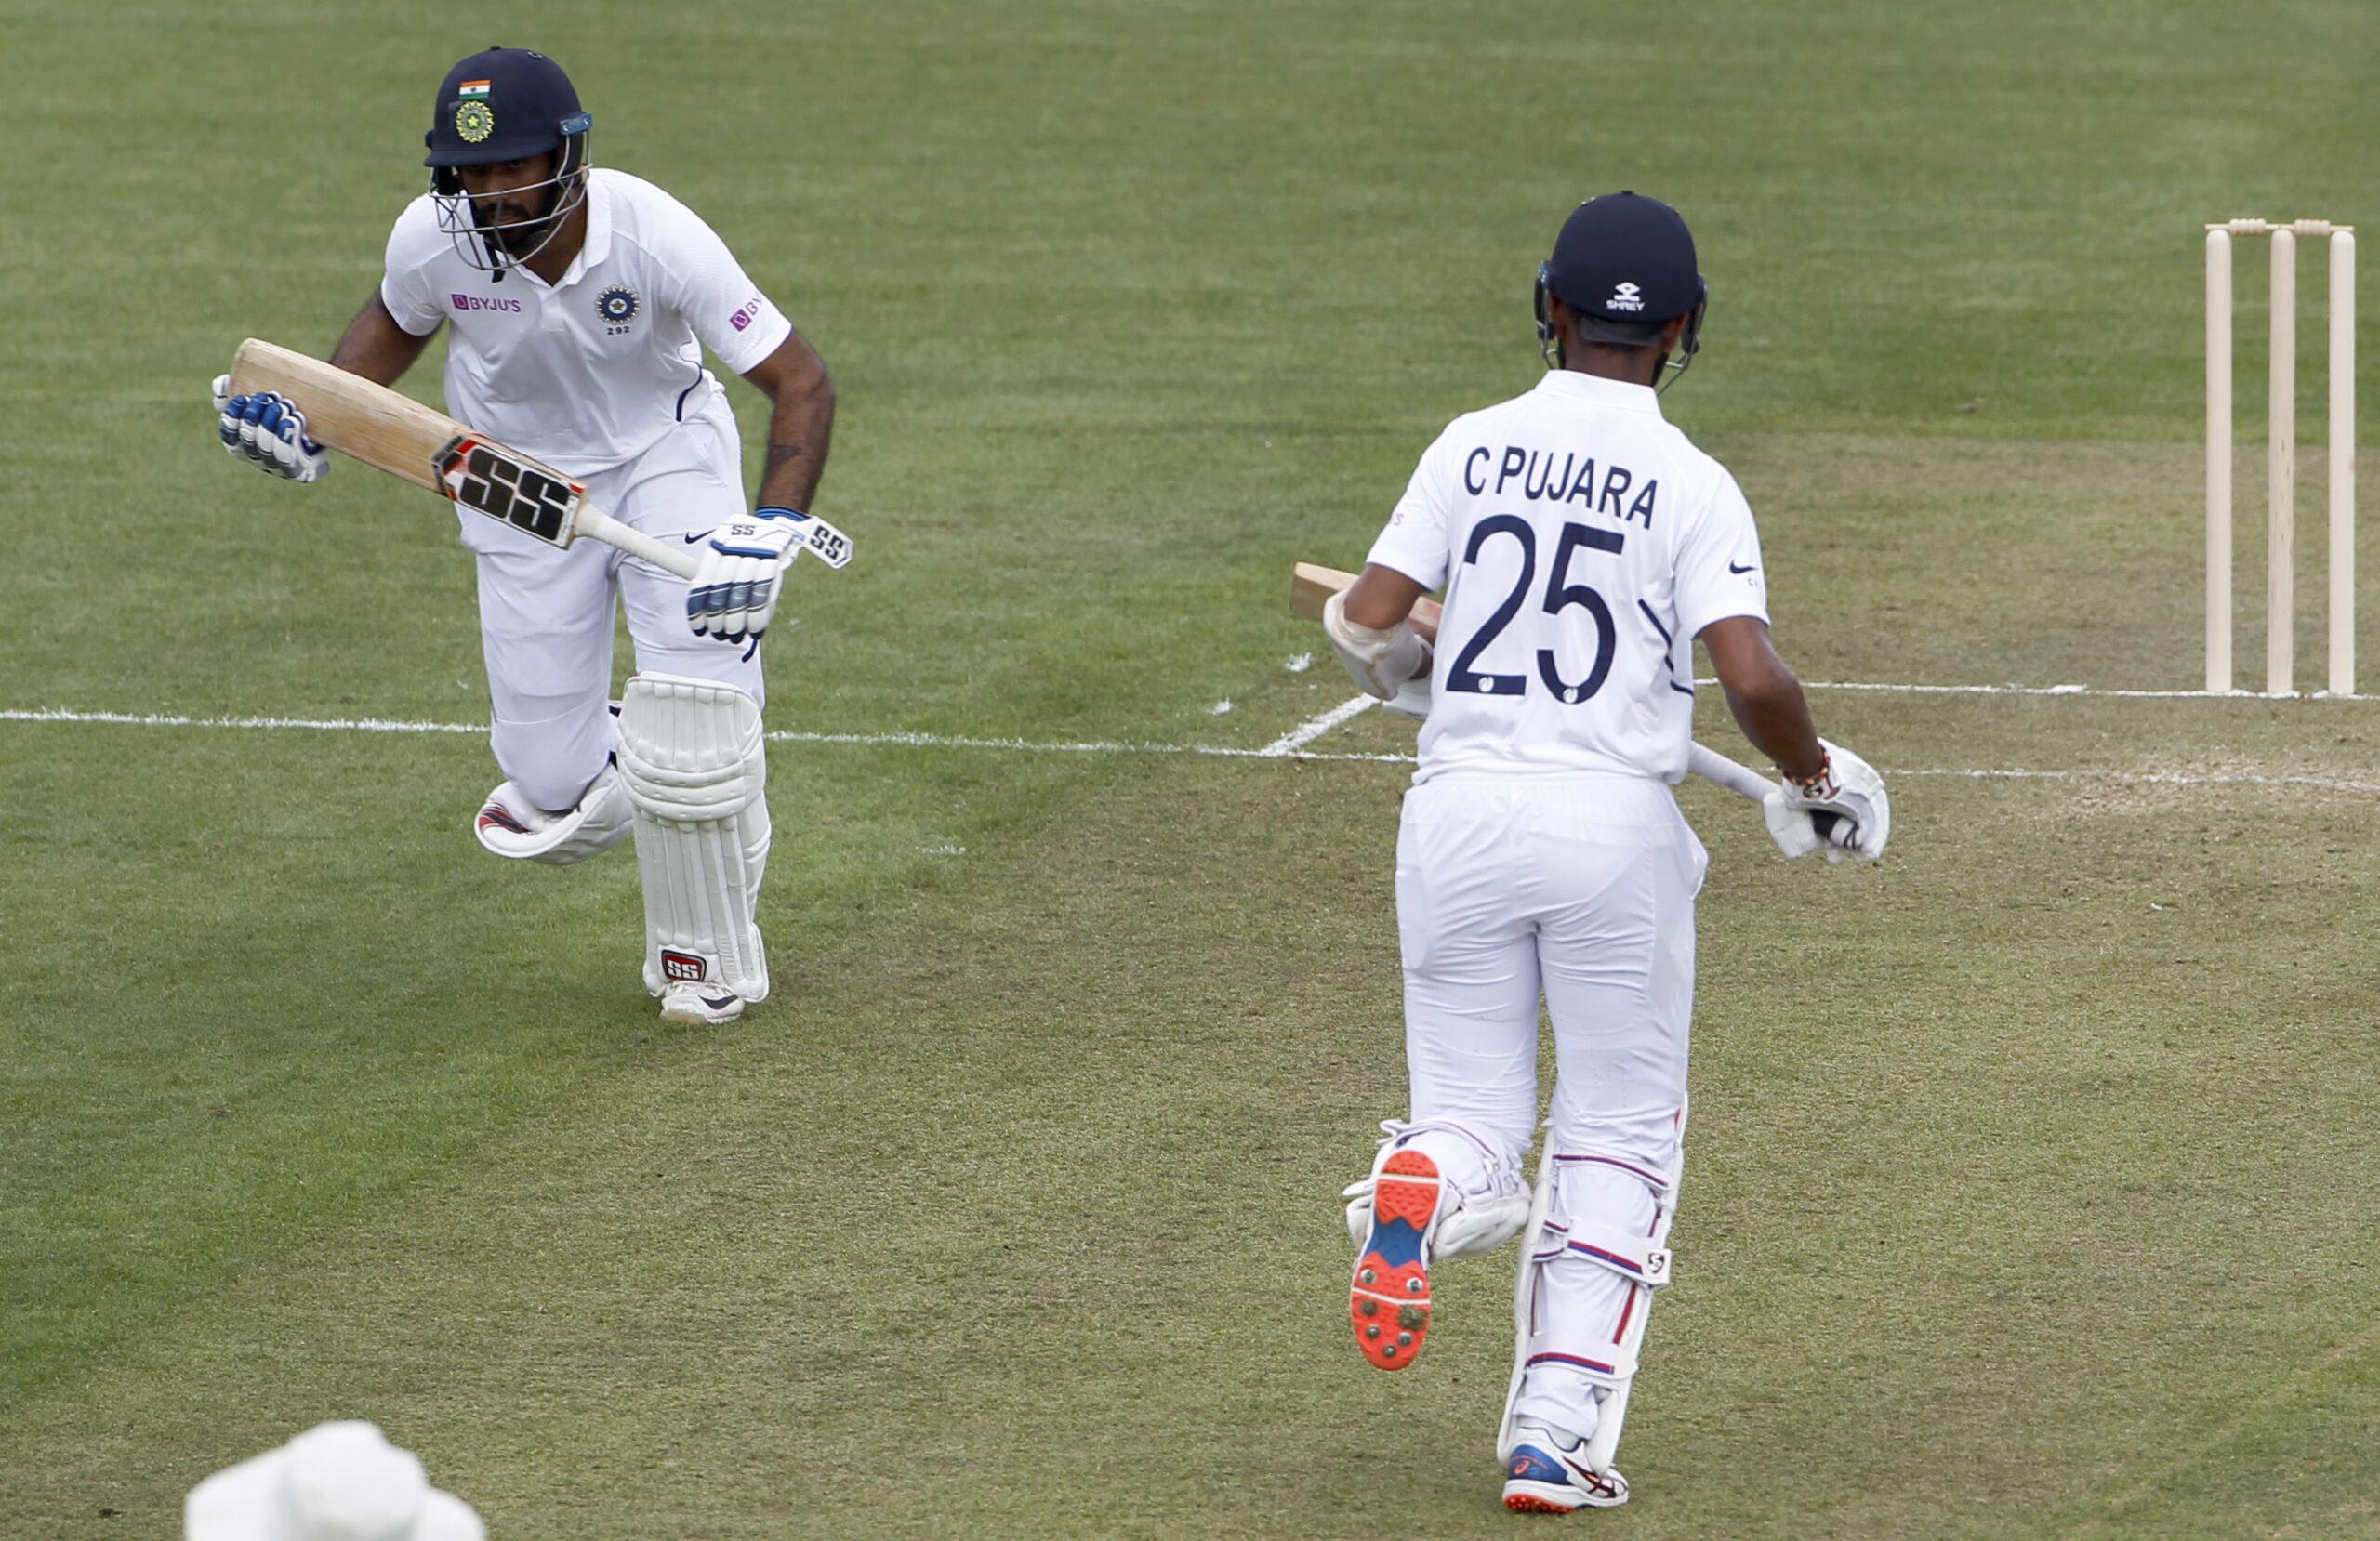 हनुमा विहारी ने बताया, किस तरह चेतेश्वर पुजारा ने की 101 रनों की पारी खेलने में उनकी मदद 1